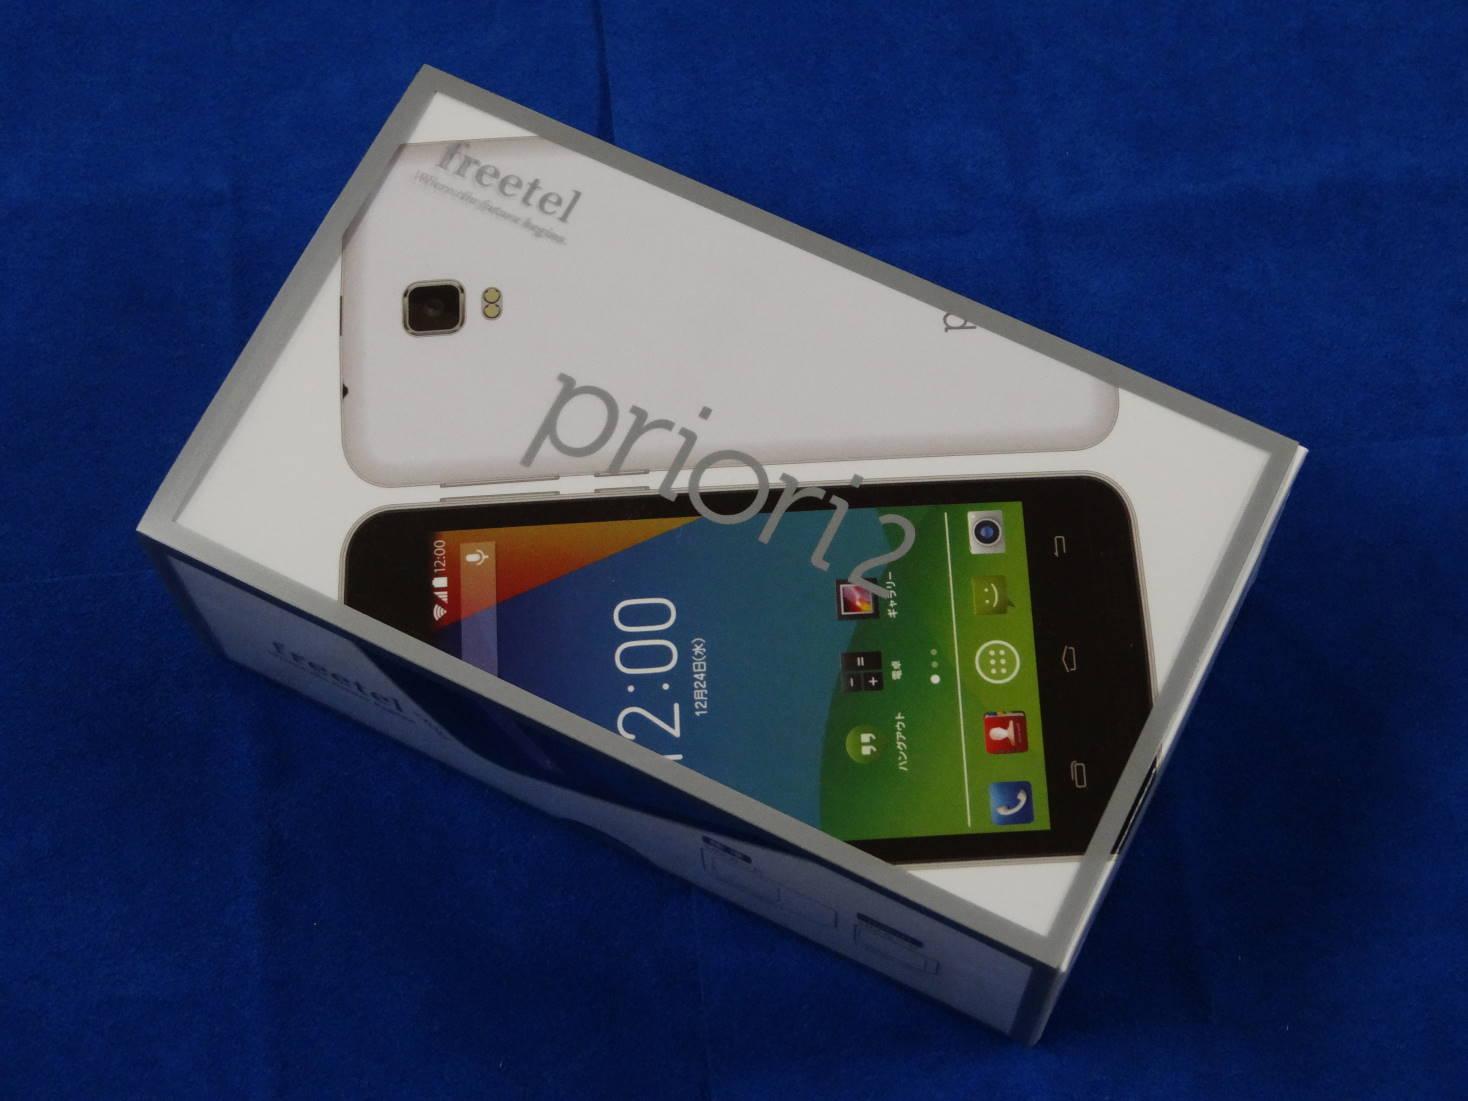 priori2のパッケージ